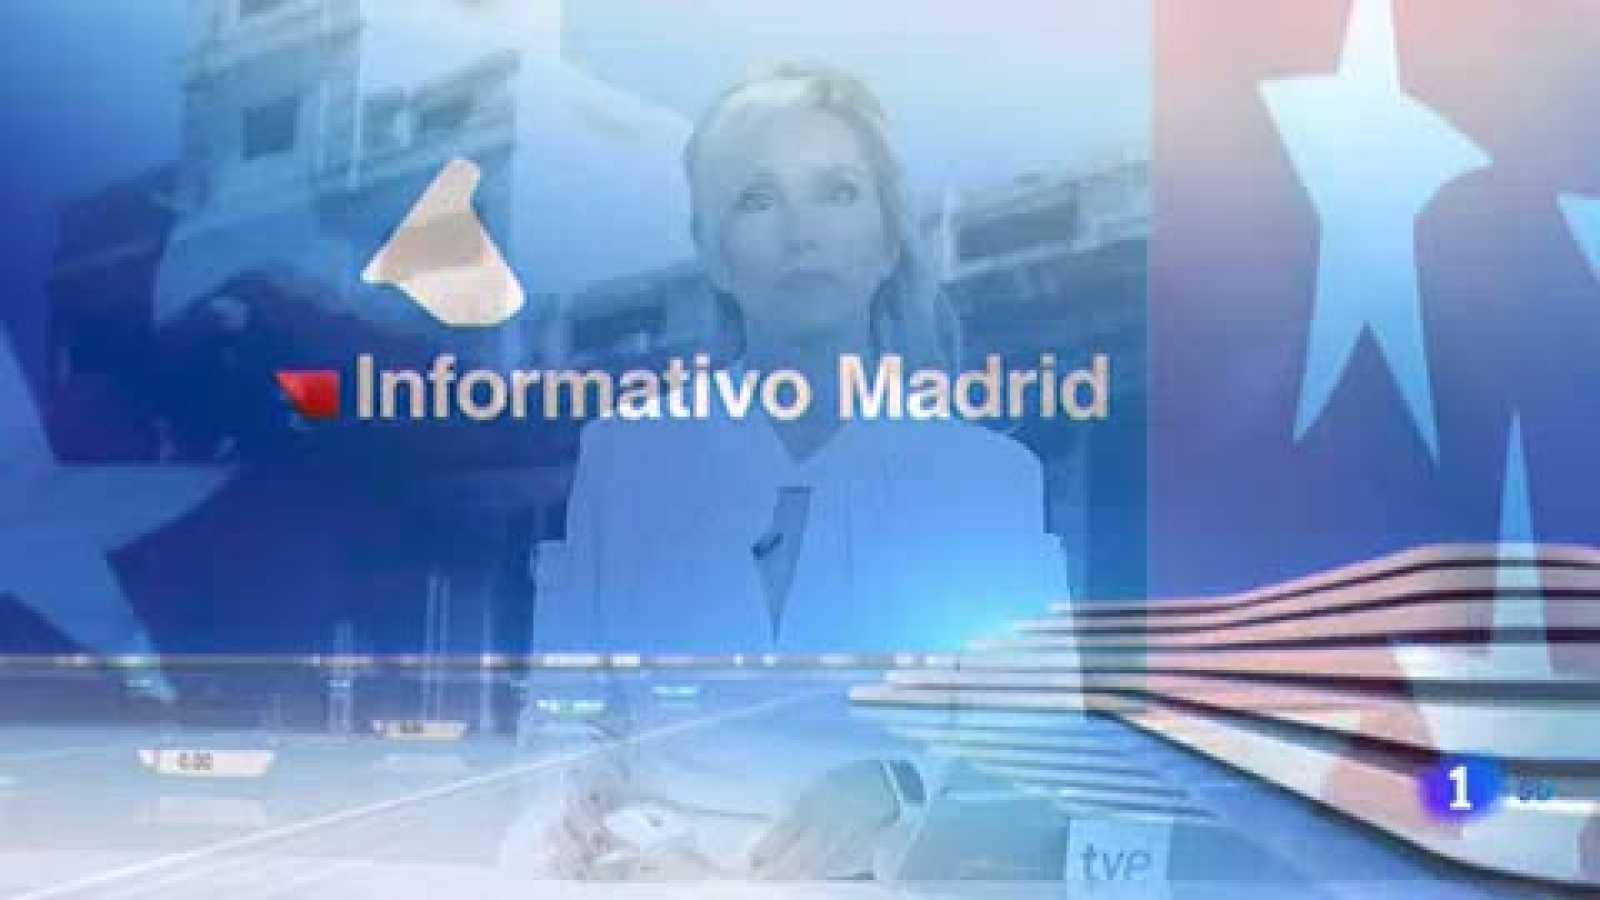 Informativo de Madrid 2 - 2020/10/27- Ver ahora